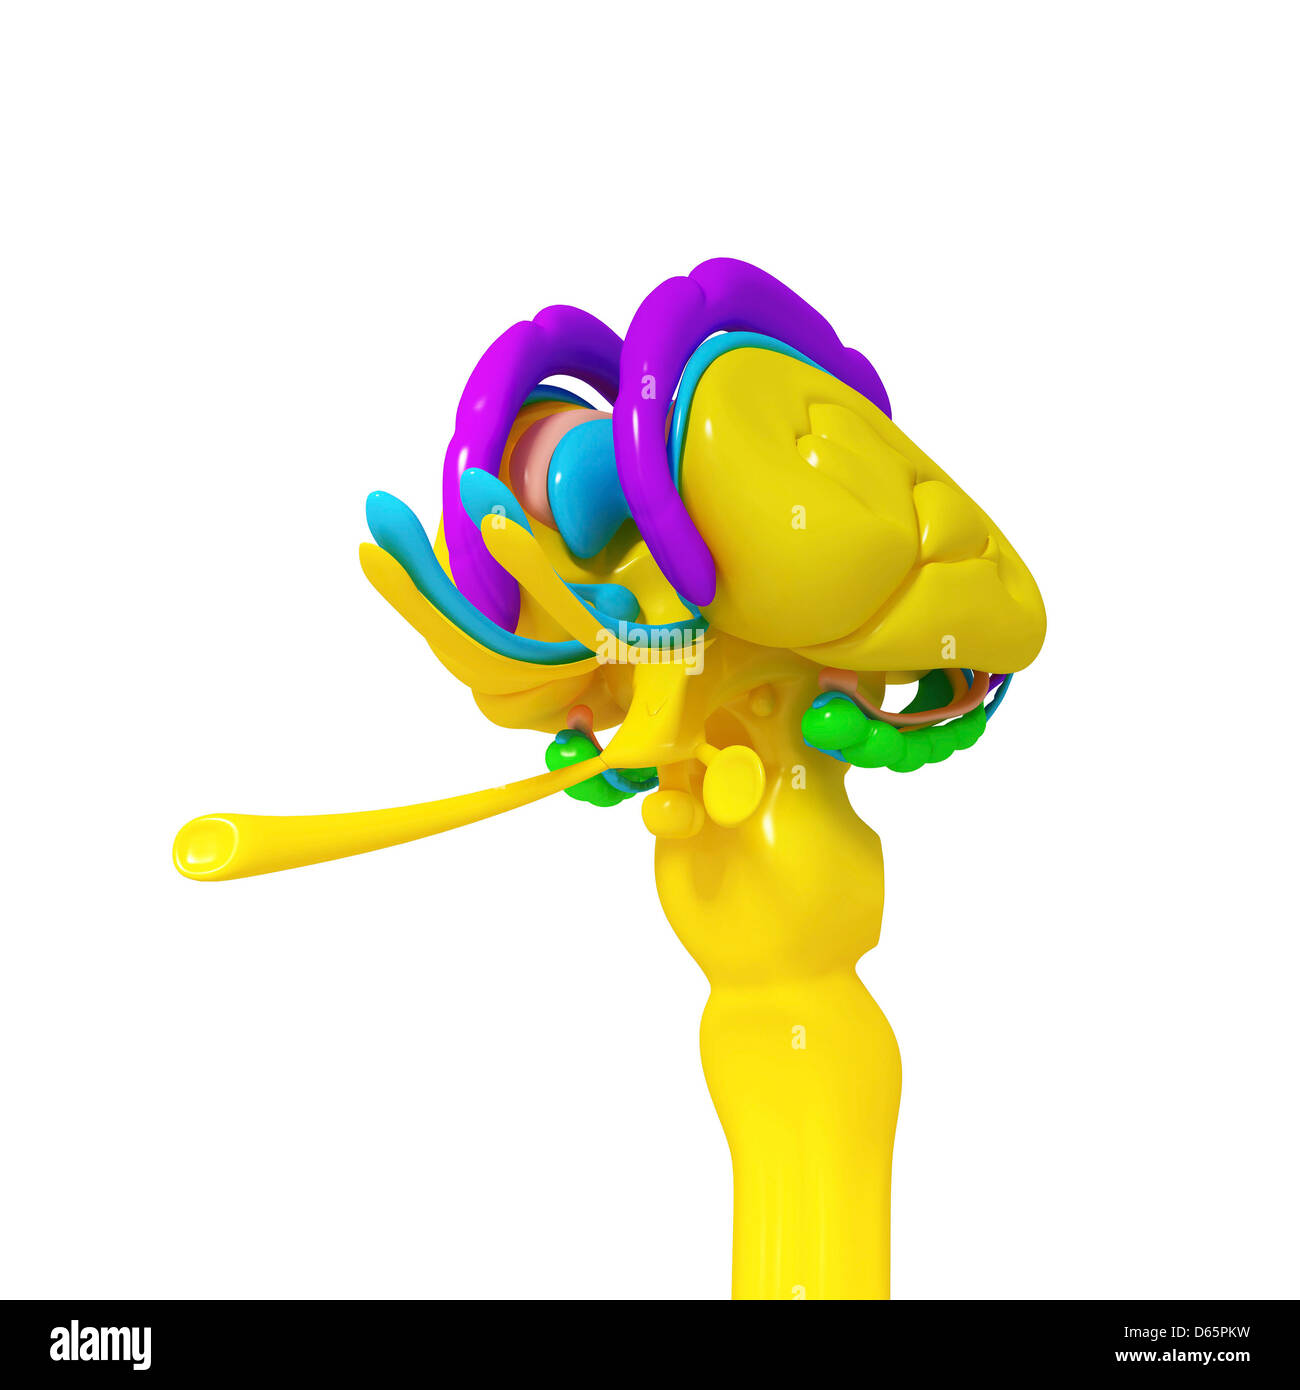 Brain anatomy, artwork Stock Photo